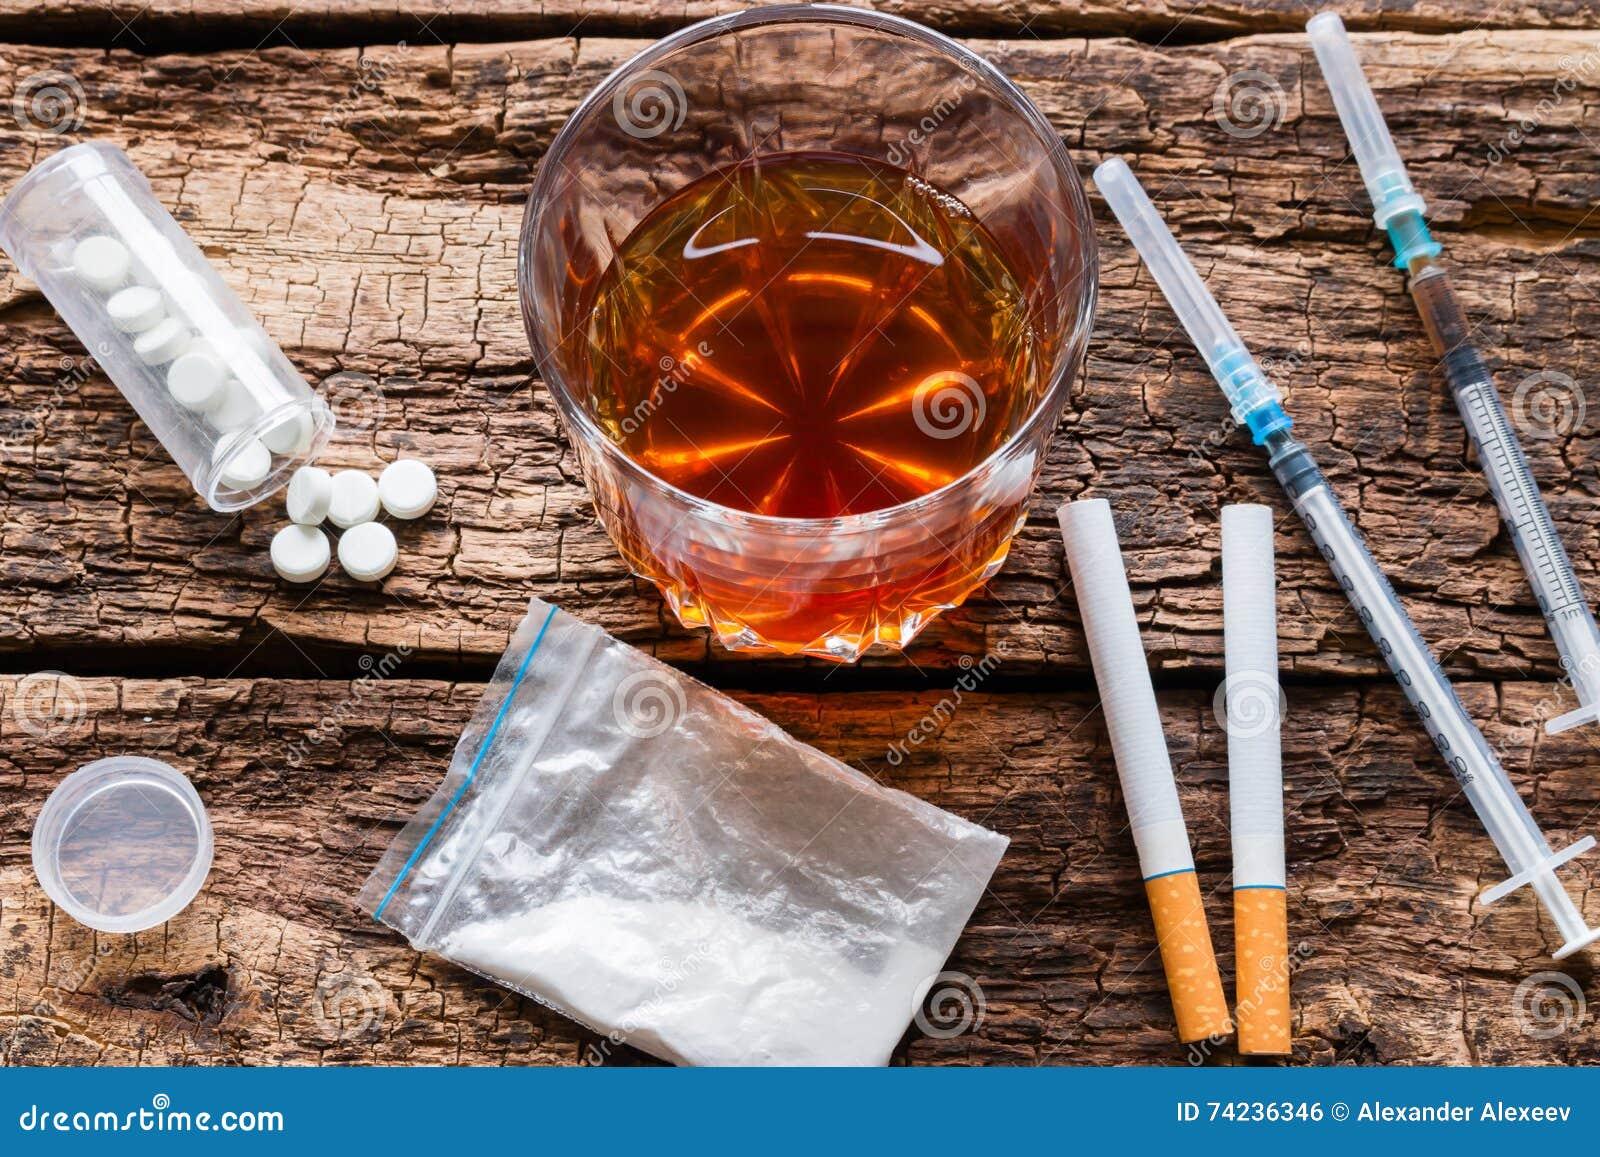 Alkohol, Zigaretten und Drogen